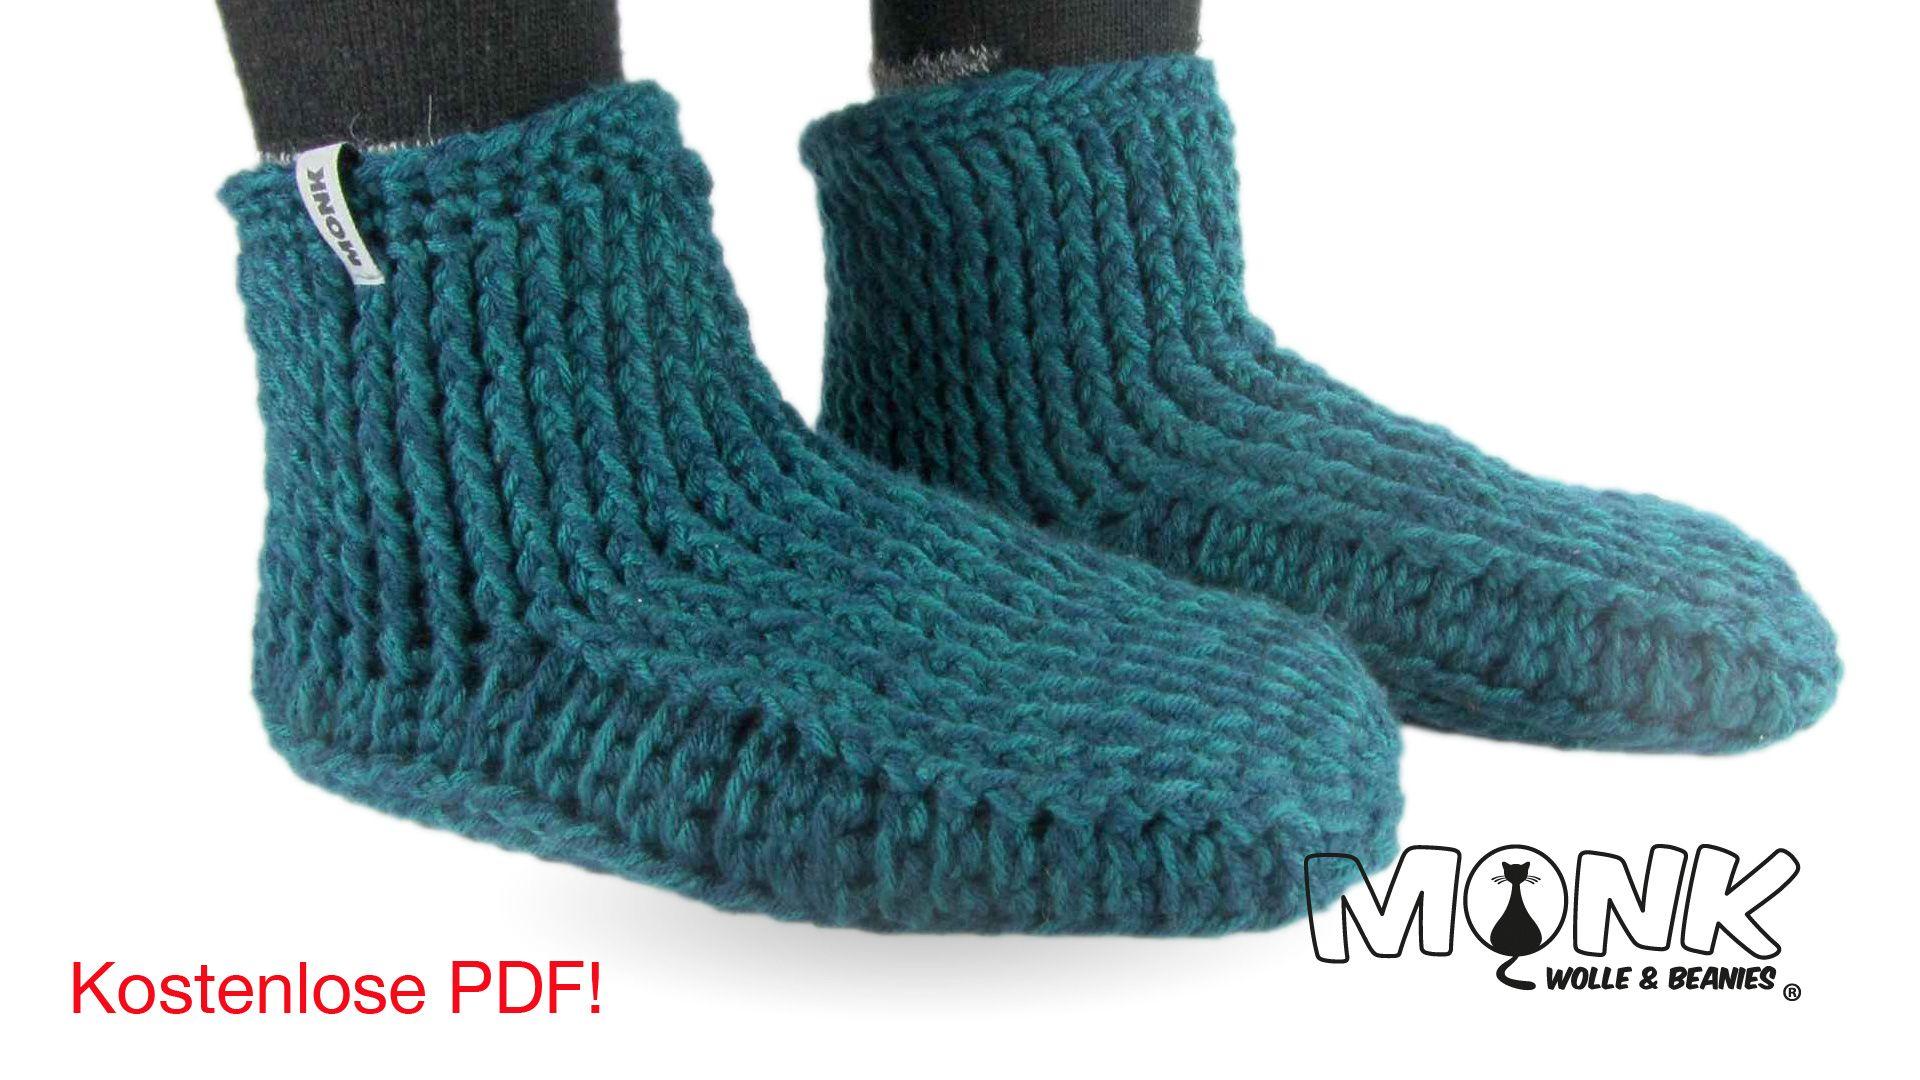 Socken & Hüttenschuhe häkeln - MONK Wolle & Beanies - Socken, Schuhe ...